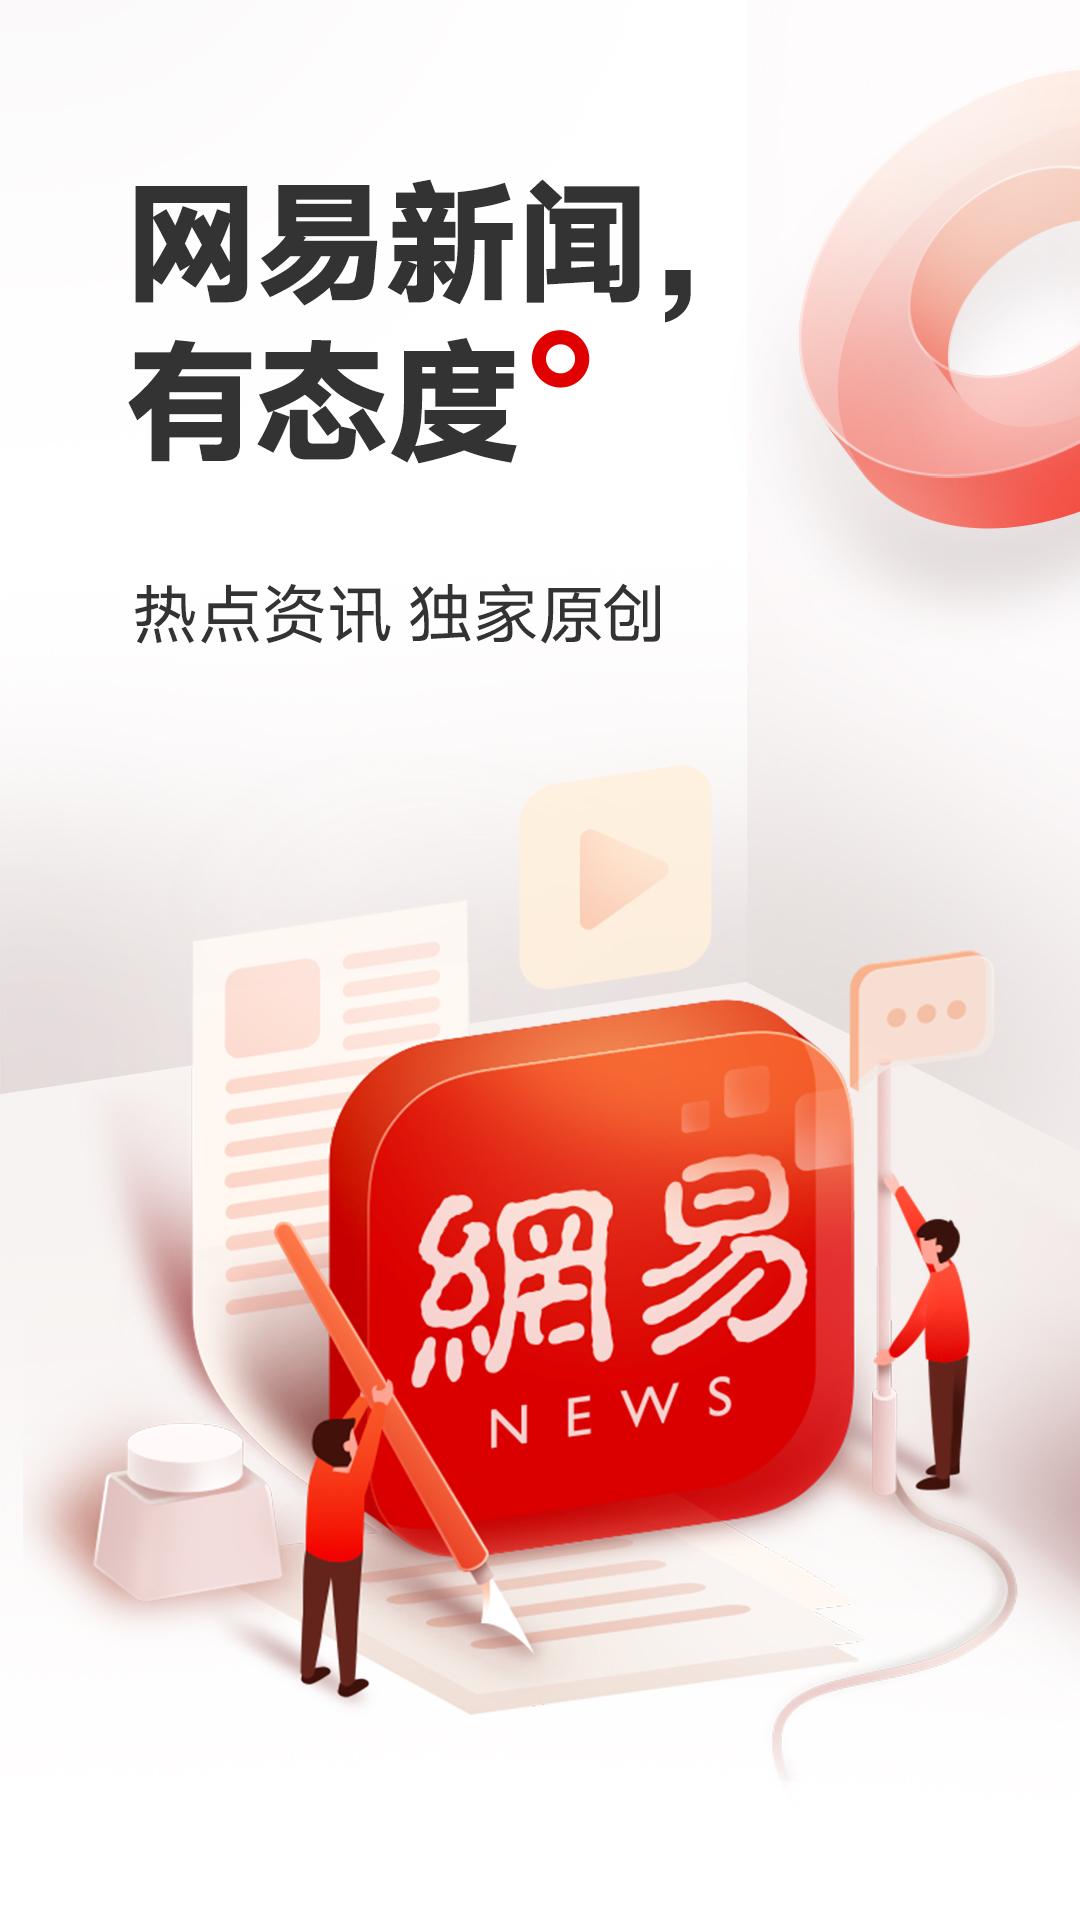 网易新闻APP V77.1 安卓版截图1